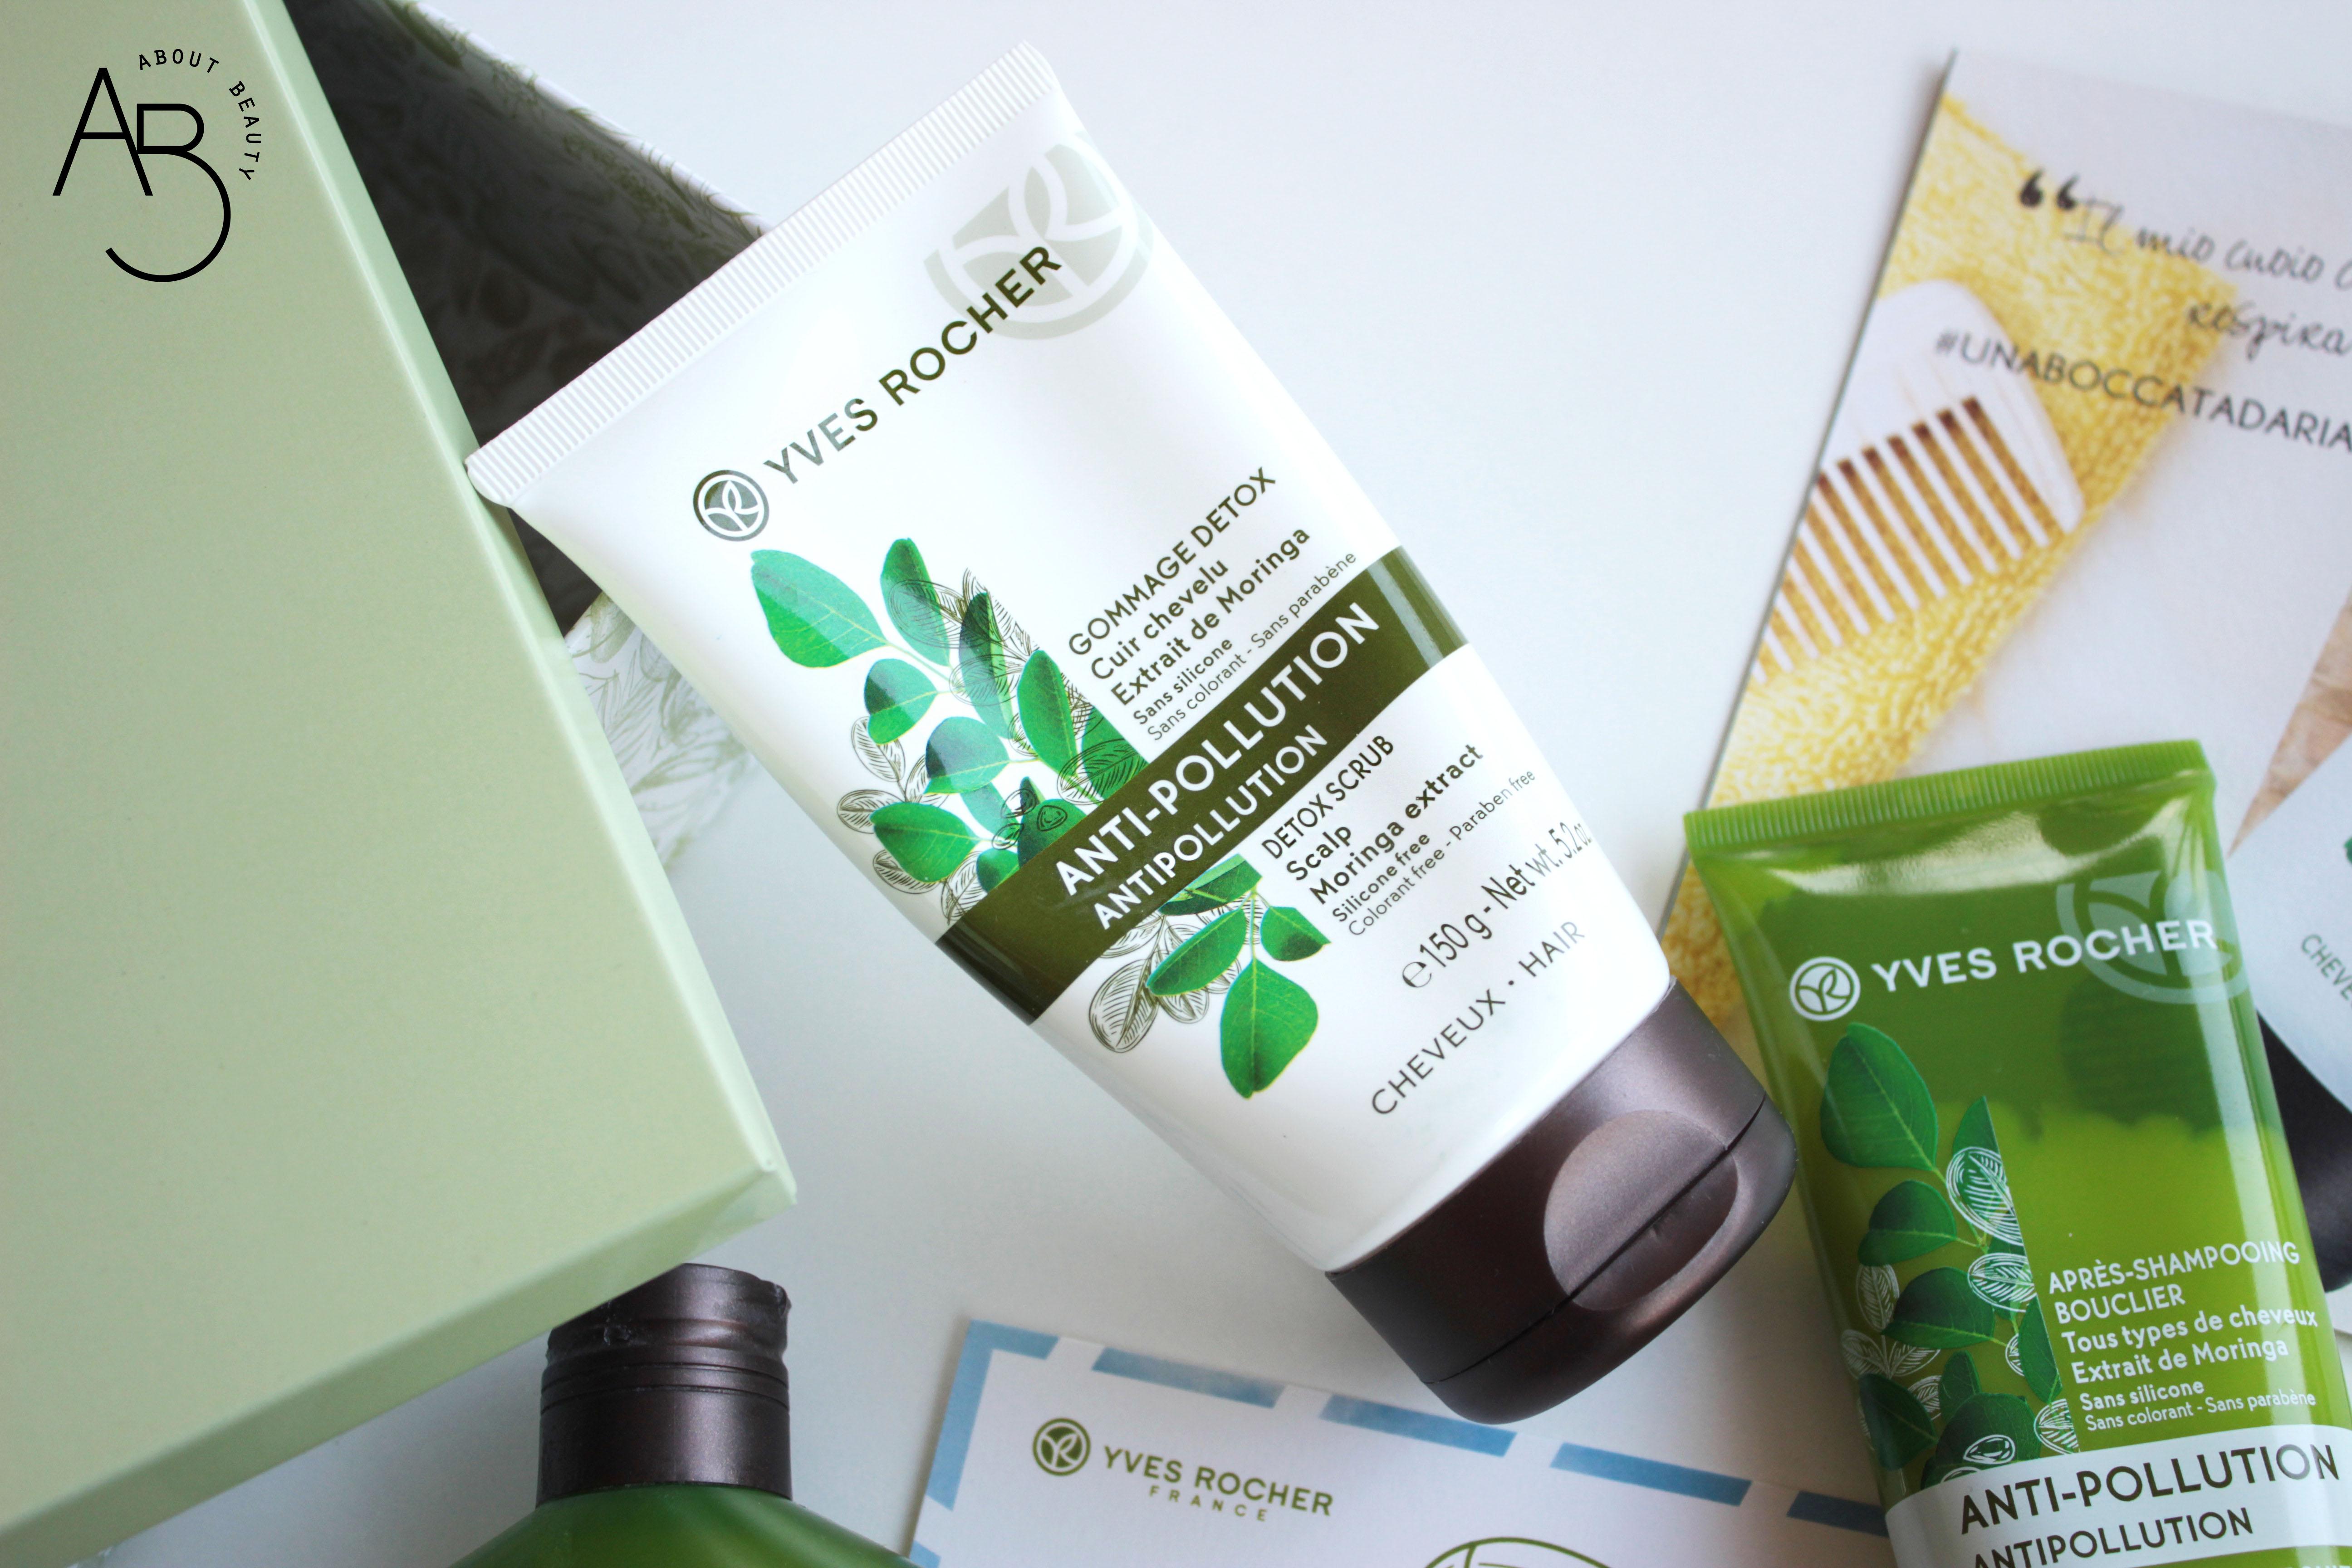 yves rocher trattamenti detox per capelli gommage shampoo micellare balsamo - recensione, info, prezzo, dove acquistare, review - anti pollution detox scrub gommage